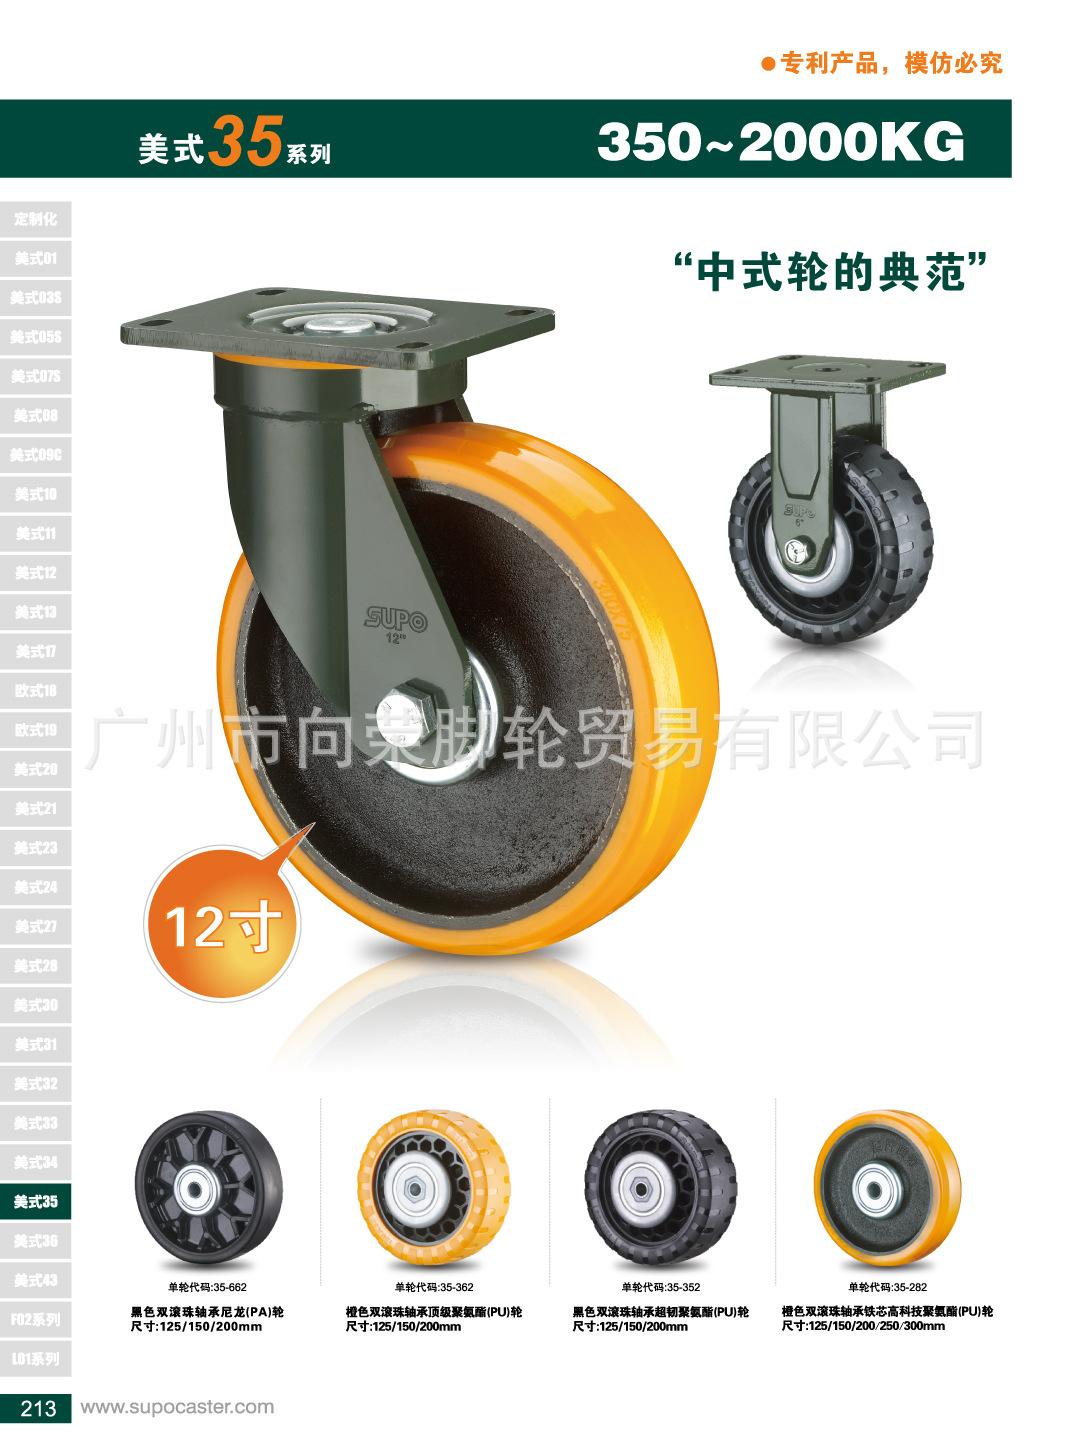 SUPO J35 khoản 10 inch thấp tập trung sửa định phổ nylon bánh xe máy công nghiệp siêu nặng mài mòn